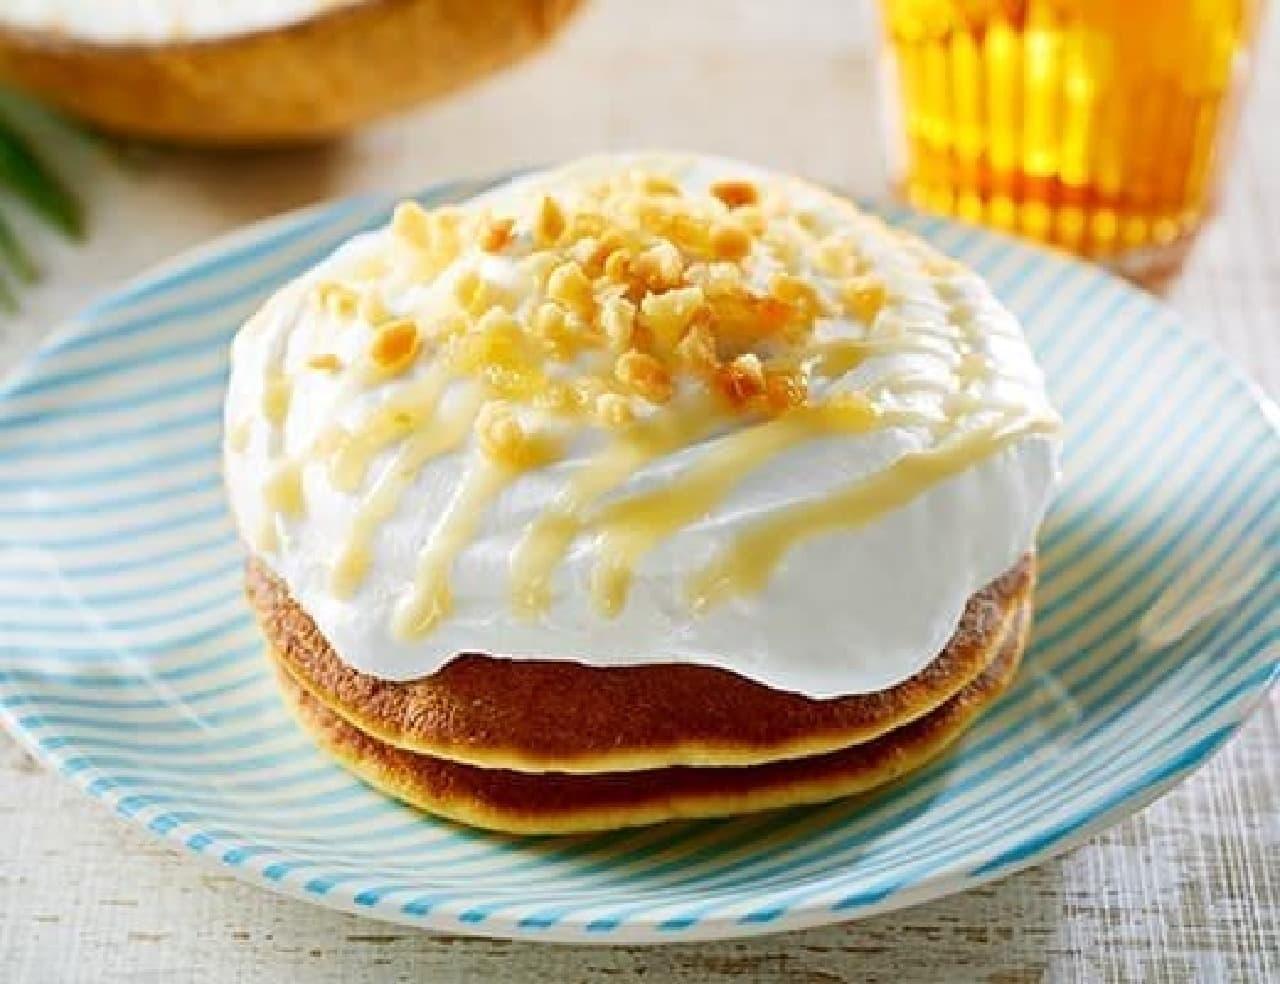 ローソン「ココナッツミルククリームのパンケーキ」